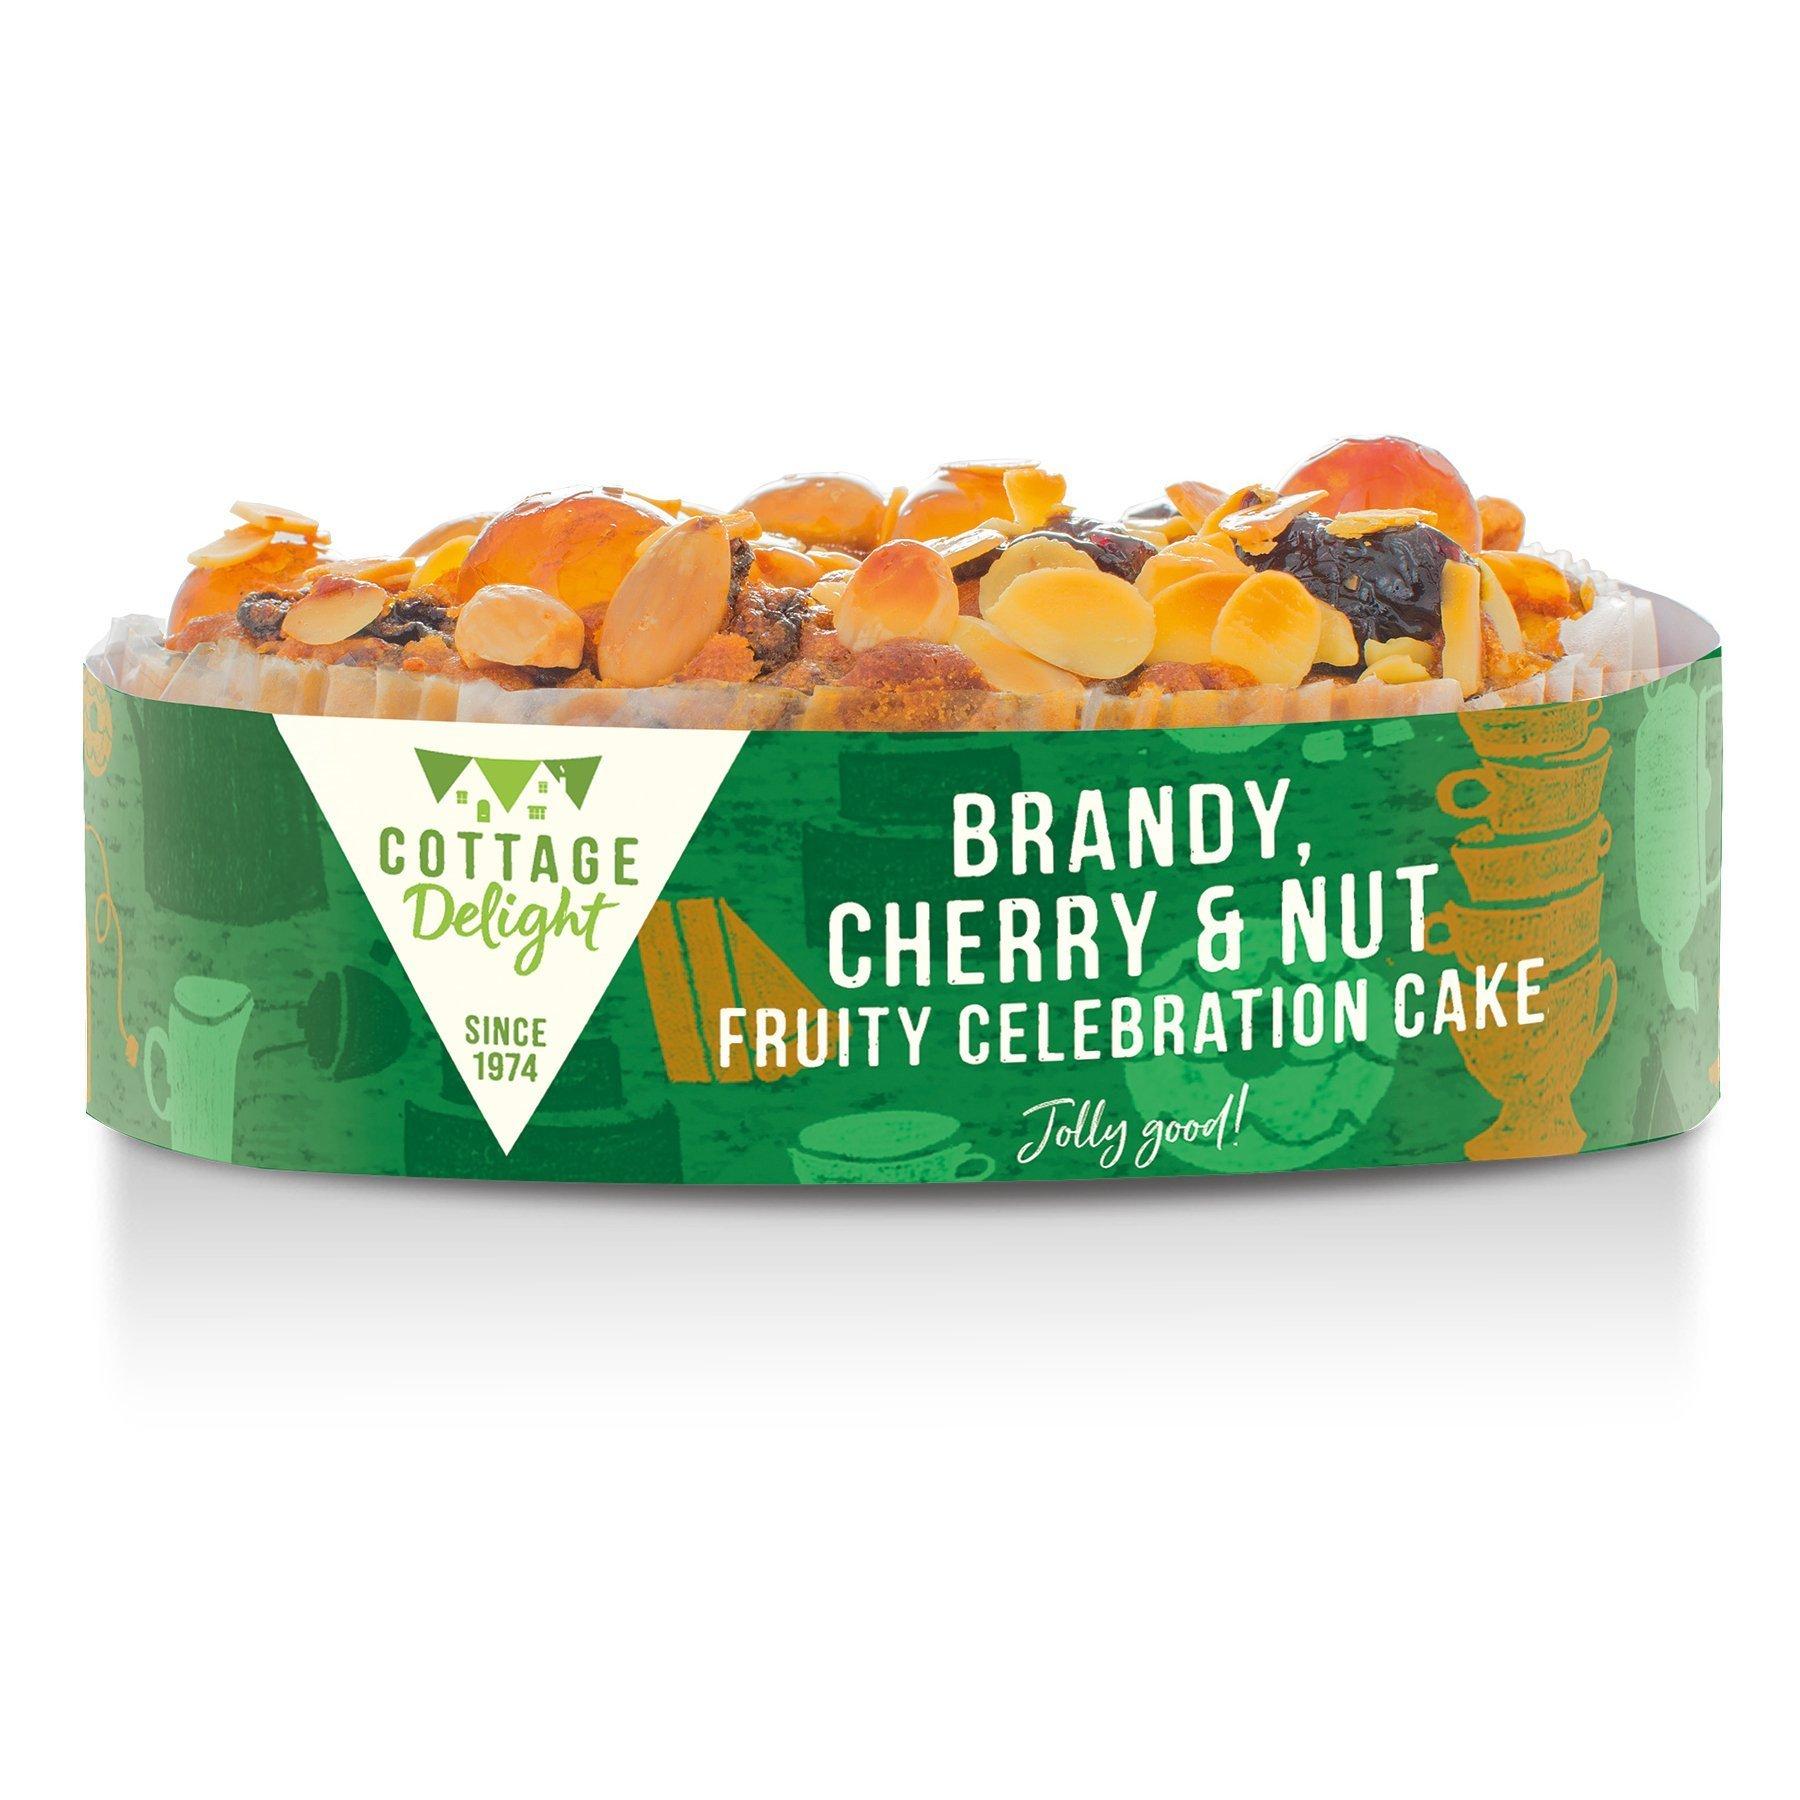 Cottage Delight Brandy, Cherry & Nut Fruity Celebration Cake 500g